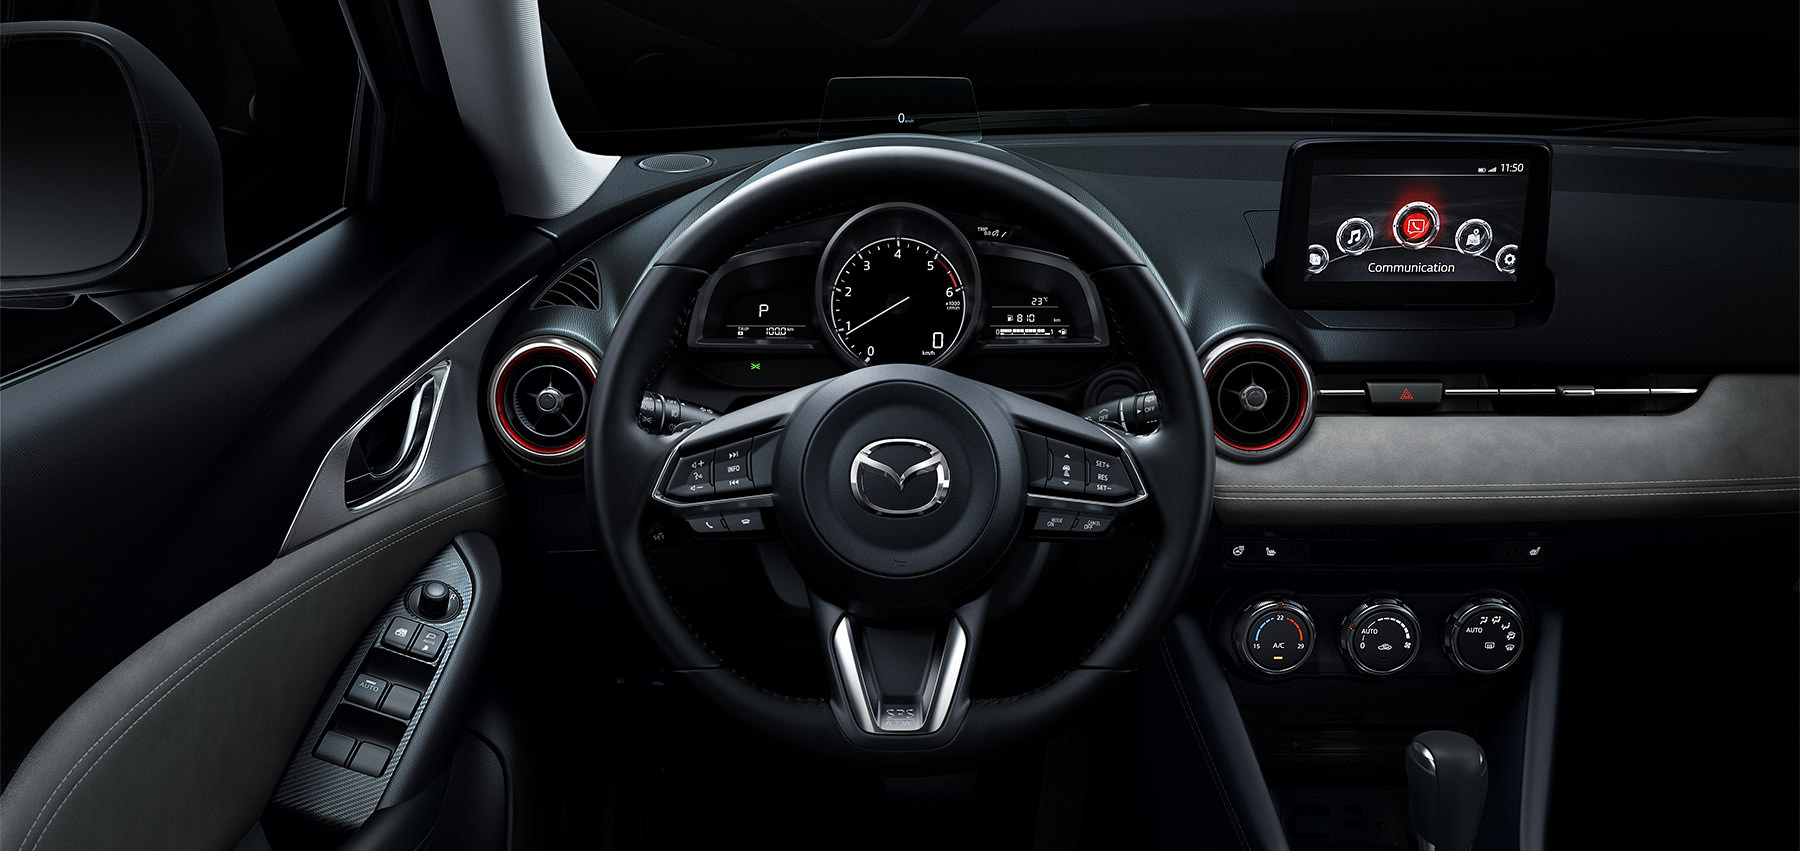 Kelebihan Kekurangan Mazda C3 Perbandingan Harga